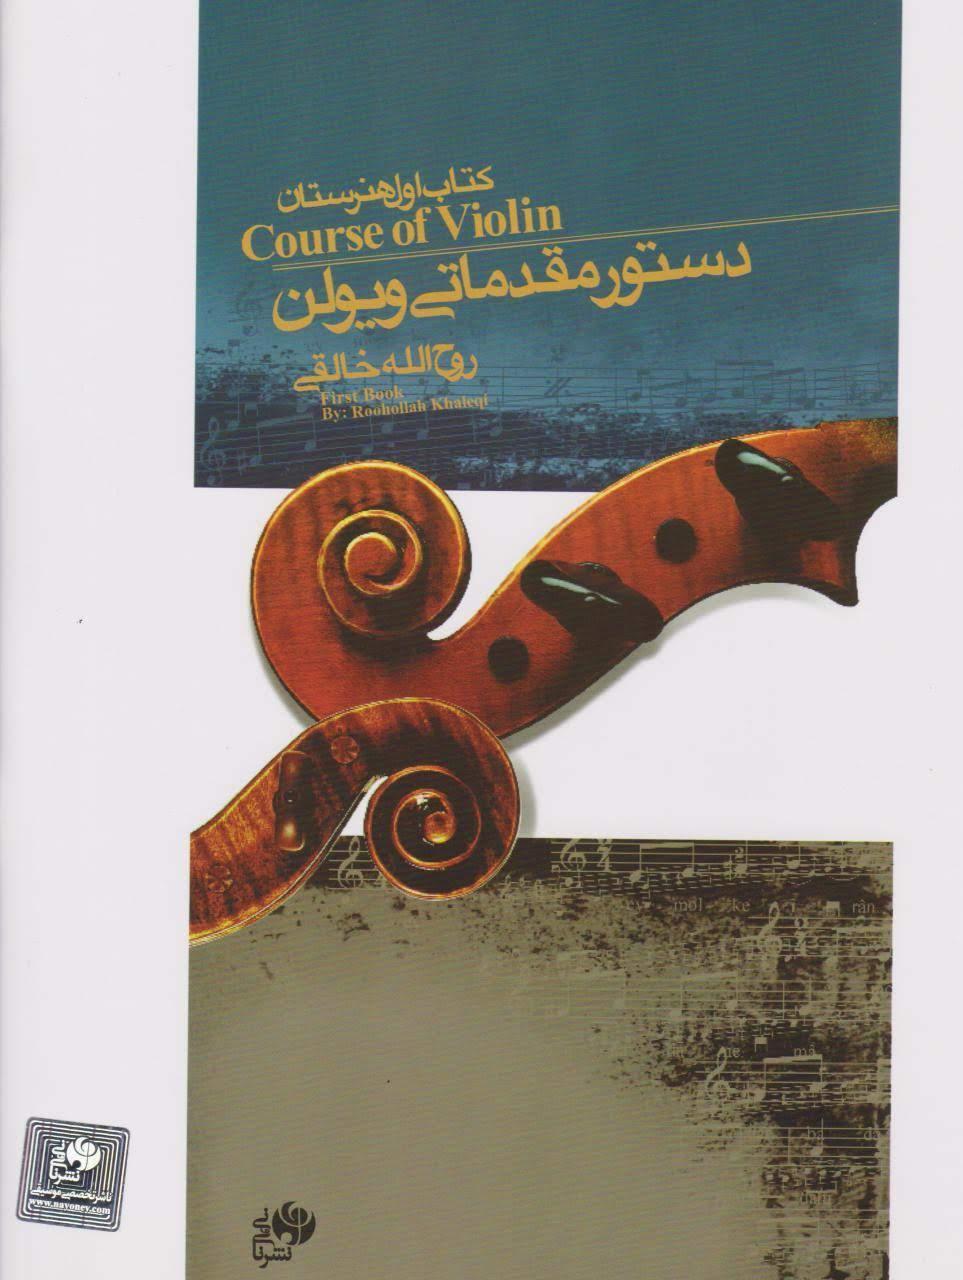 کتاب دستور مقدماتی ویولن هنرستان 1 روح الله خالقی انتشارات نای و نی